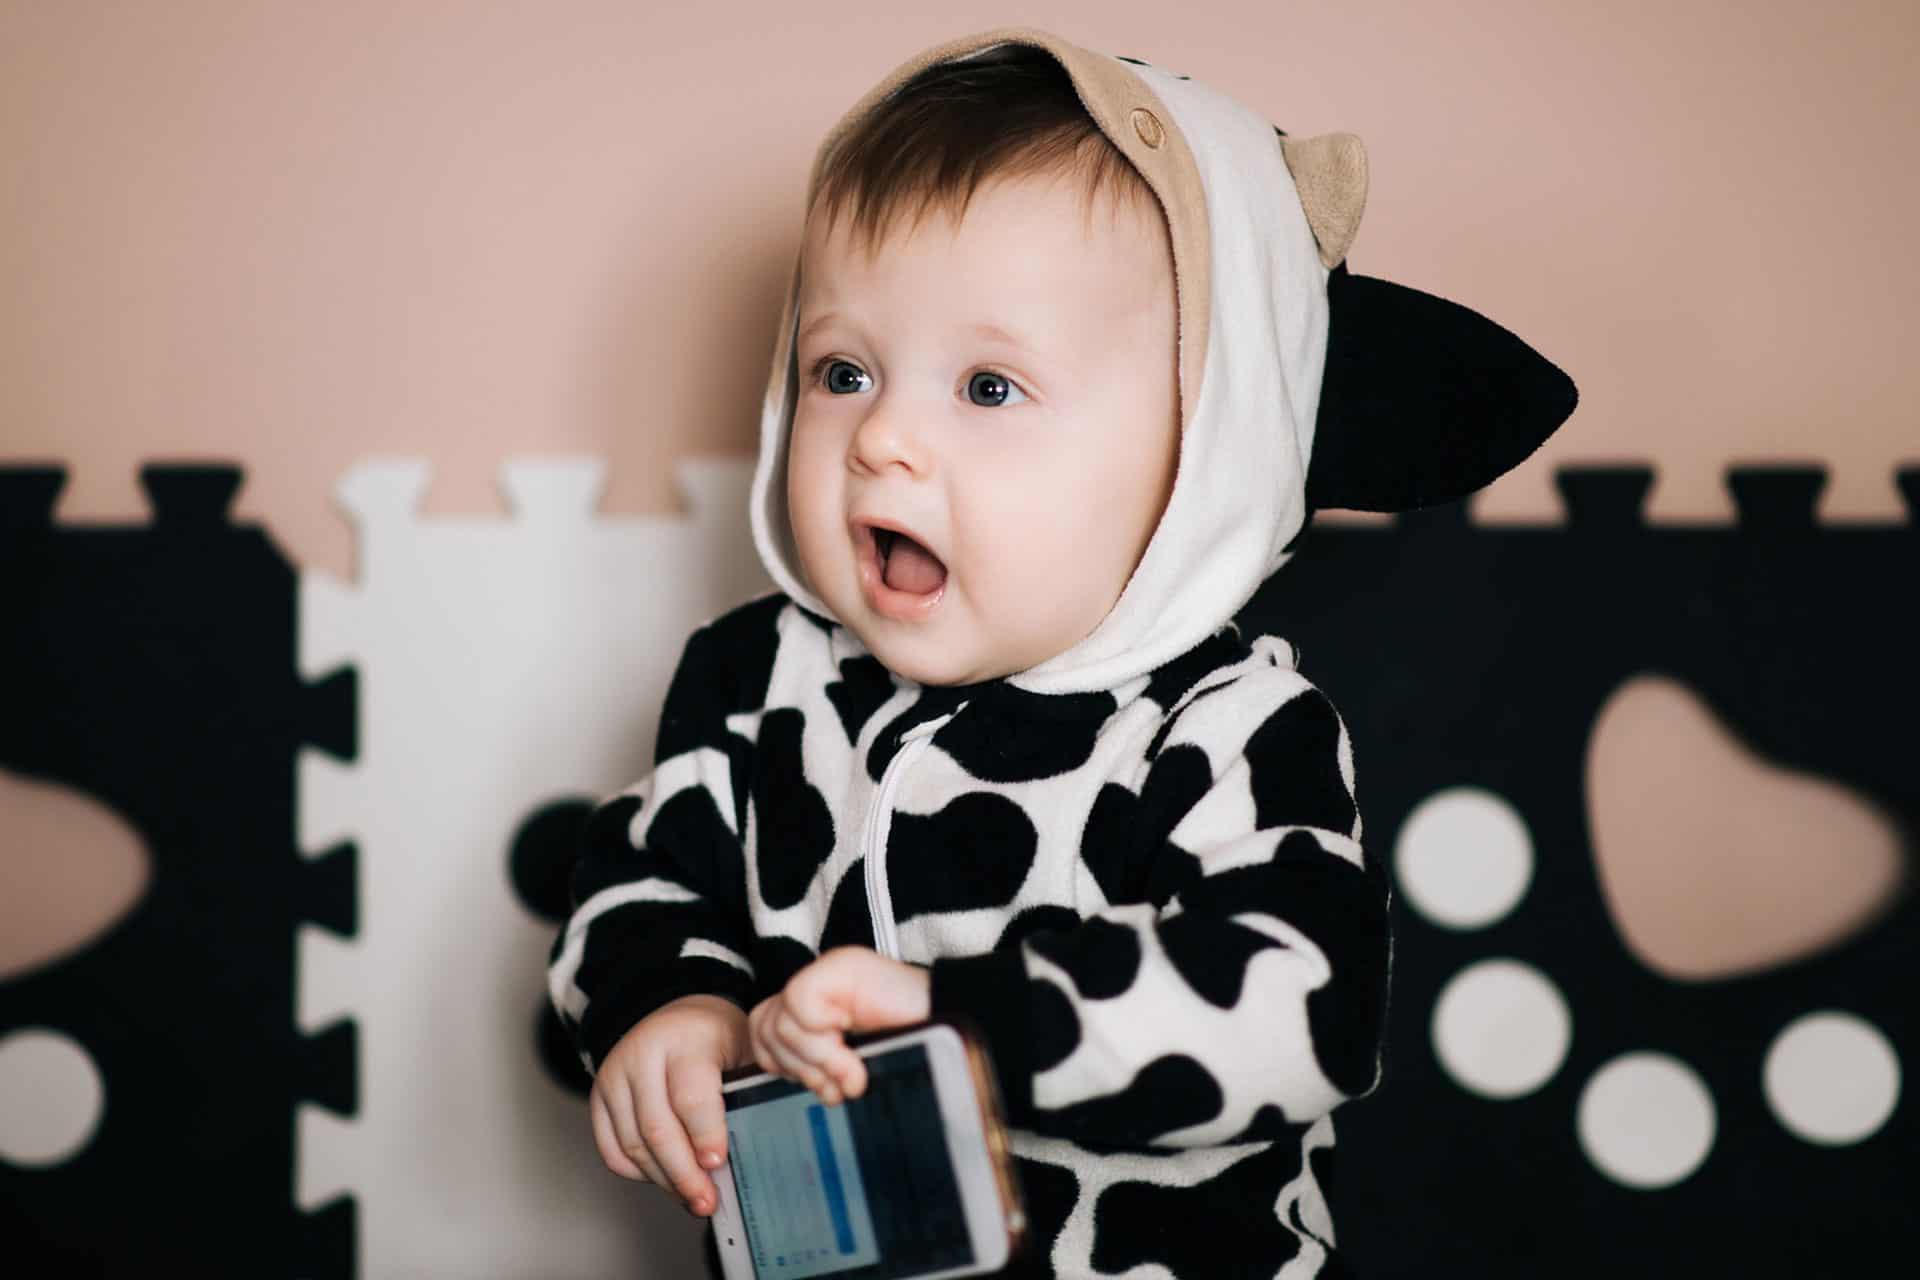 Ein Baby hält ein Handy in der Hand